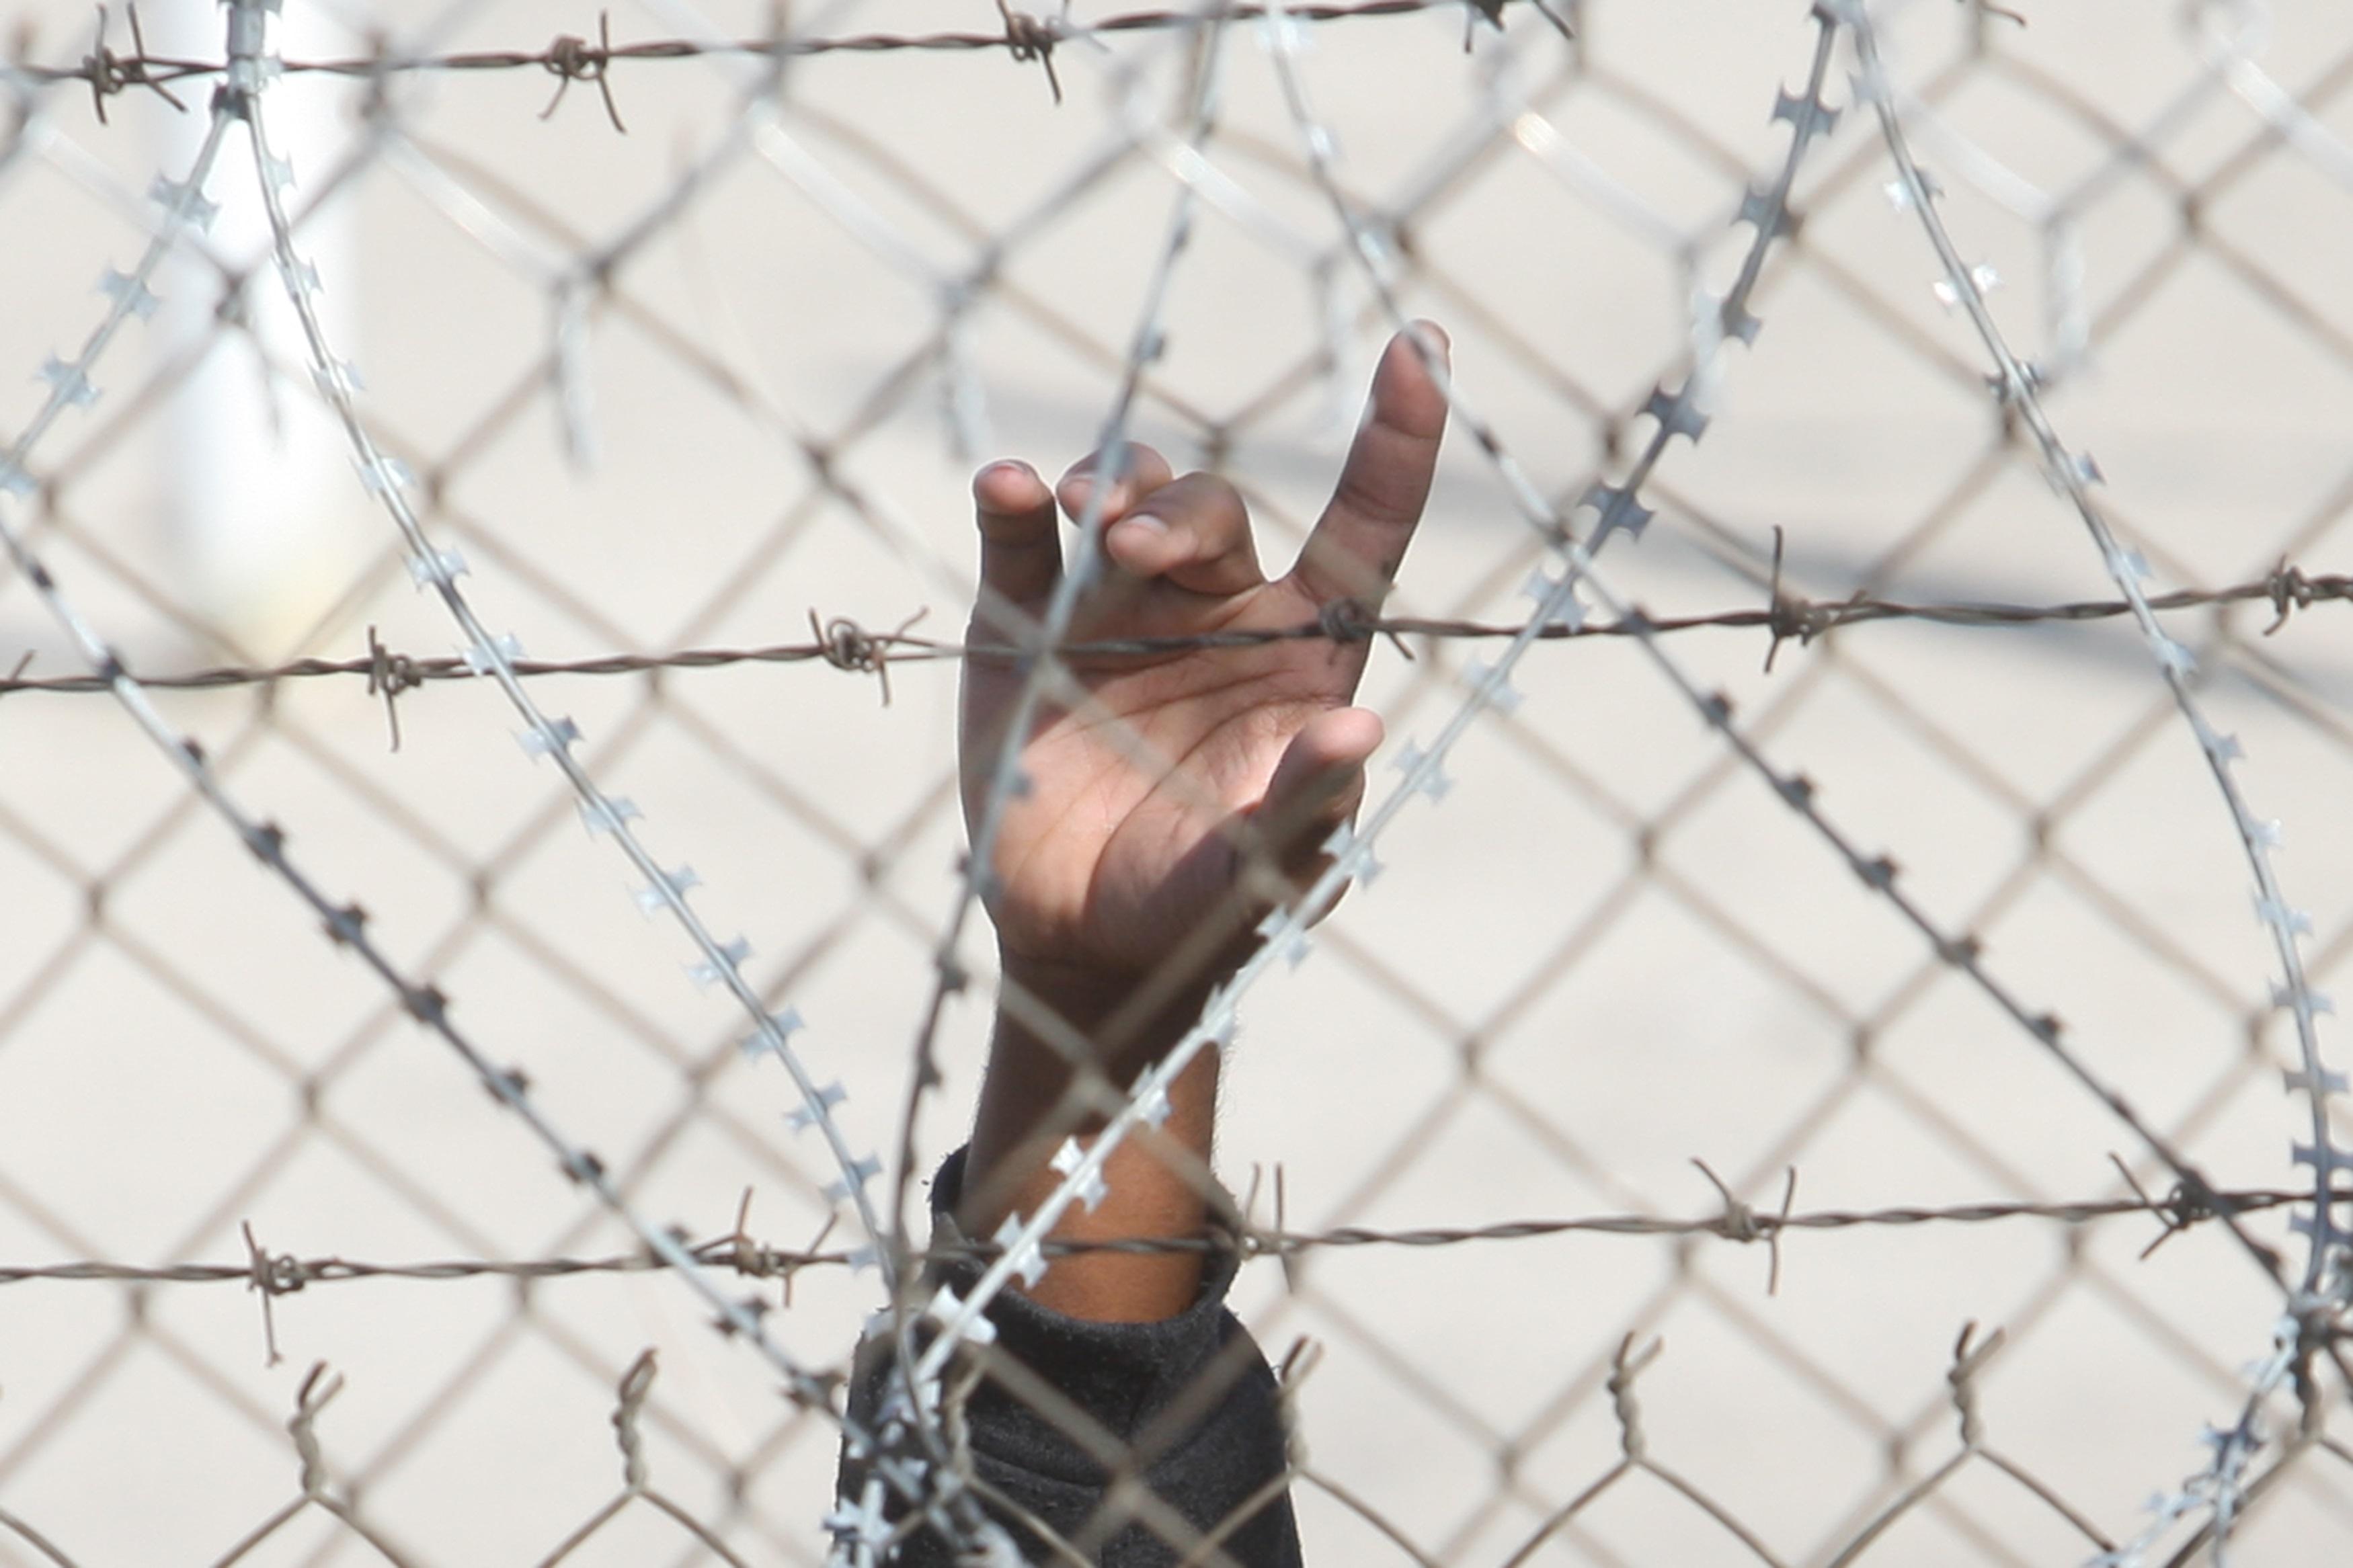 """Προσφυγικό: 17 οργανώσεις ζητούν """" ολοκληρωμένες λύσεις, με γνώμονα τα ανθρώπινα δικαιώματα"""""""